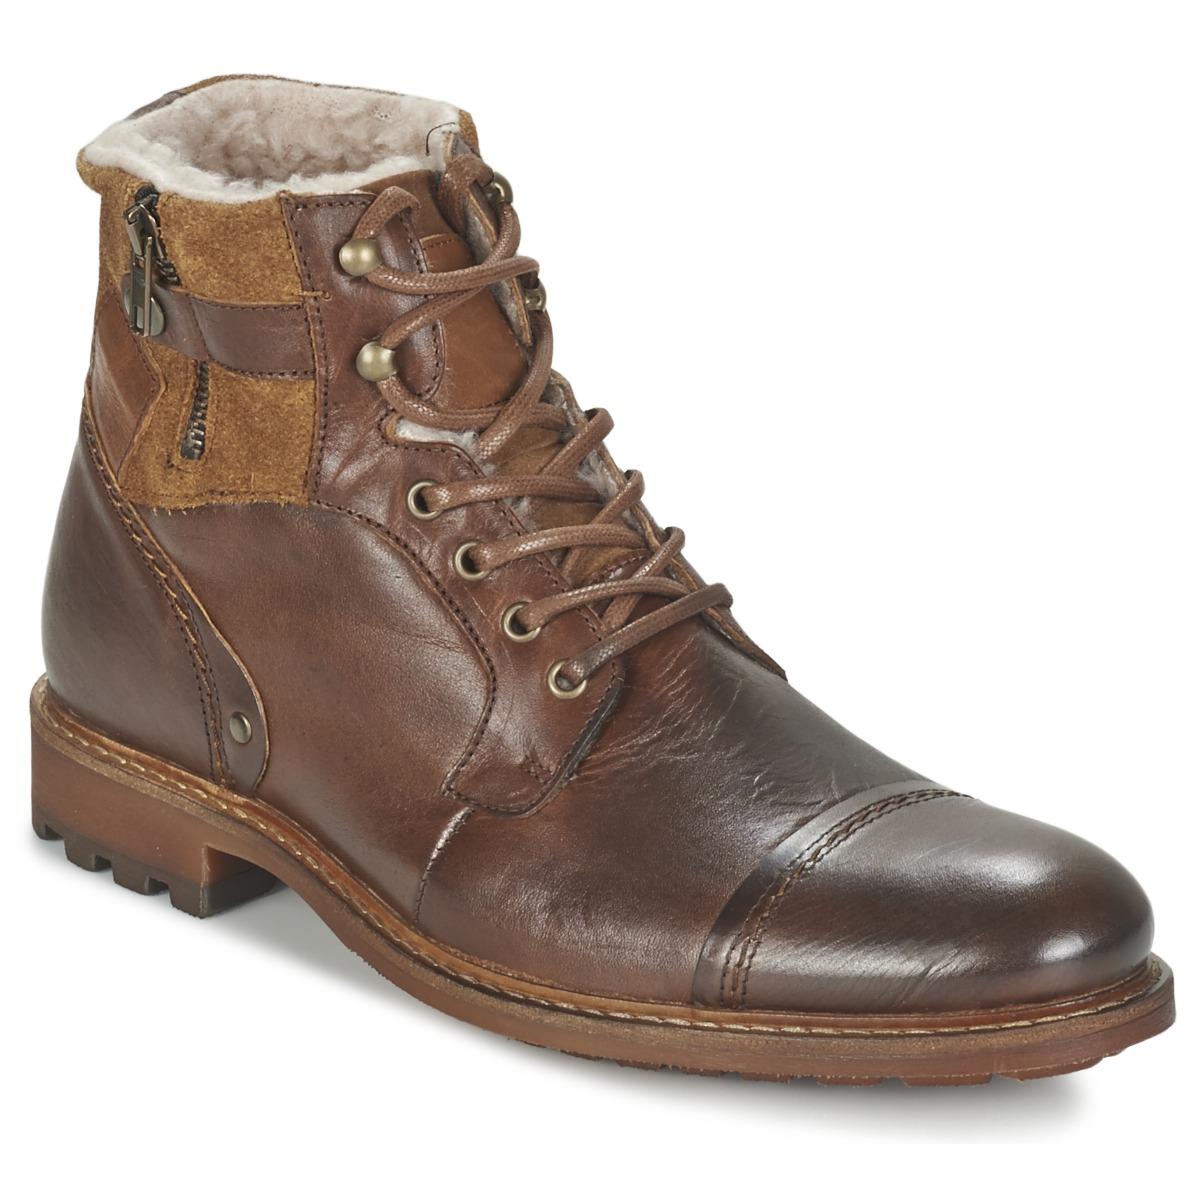 Casual Attitude FIRDAOUS Braun - Kostenloser Versand bei Spartoode ! - Schuhe Boots Herren 71,99 €